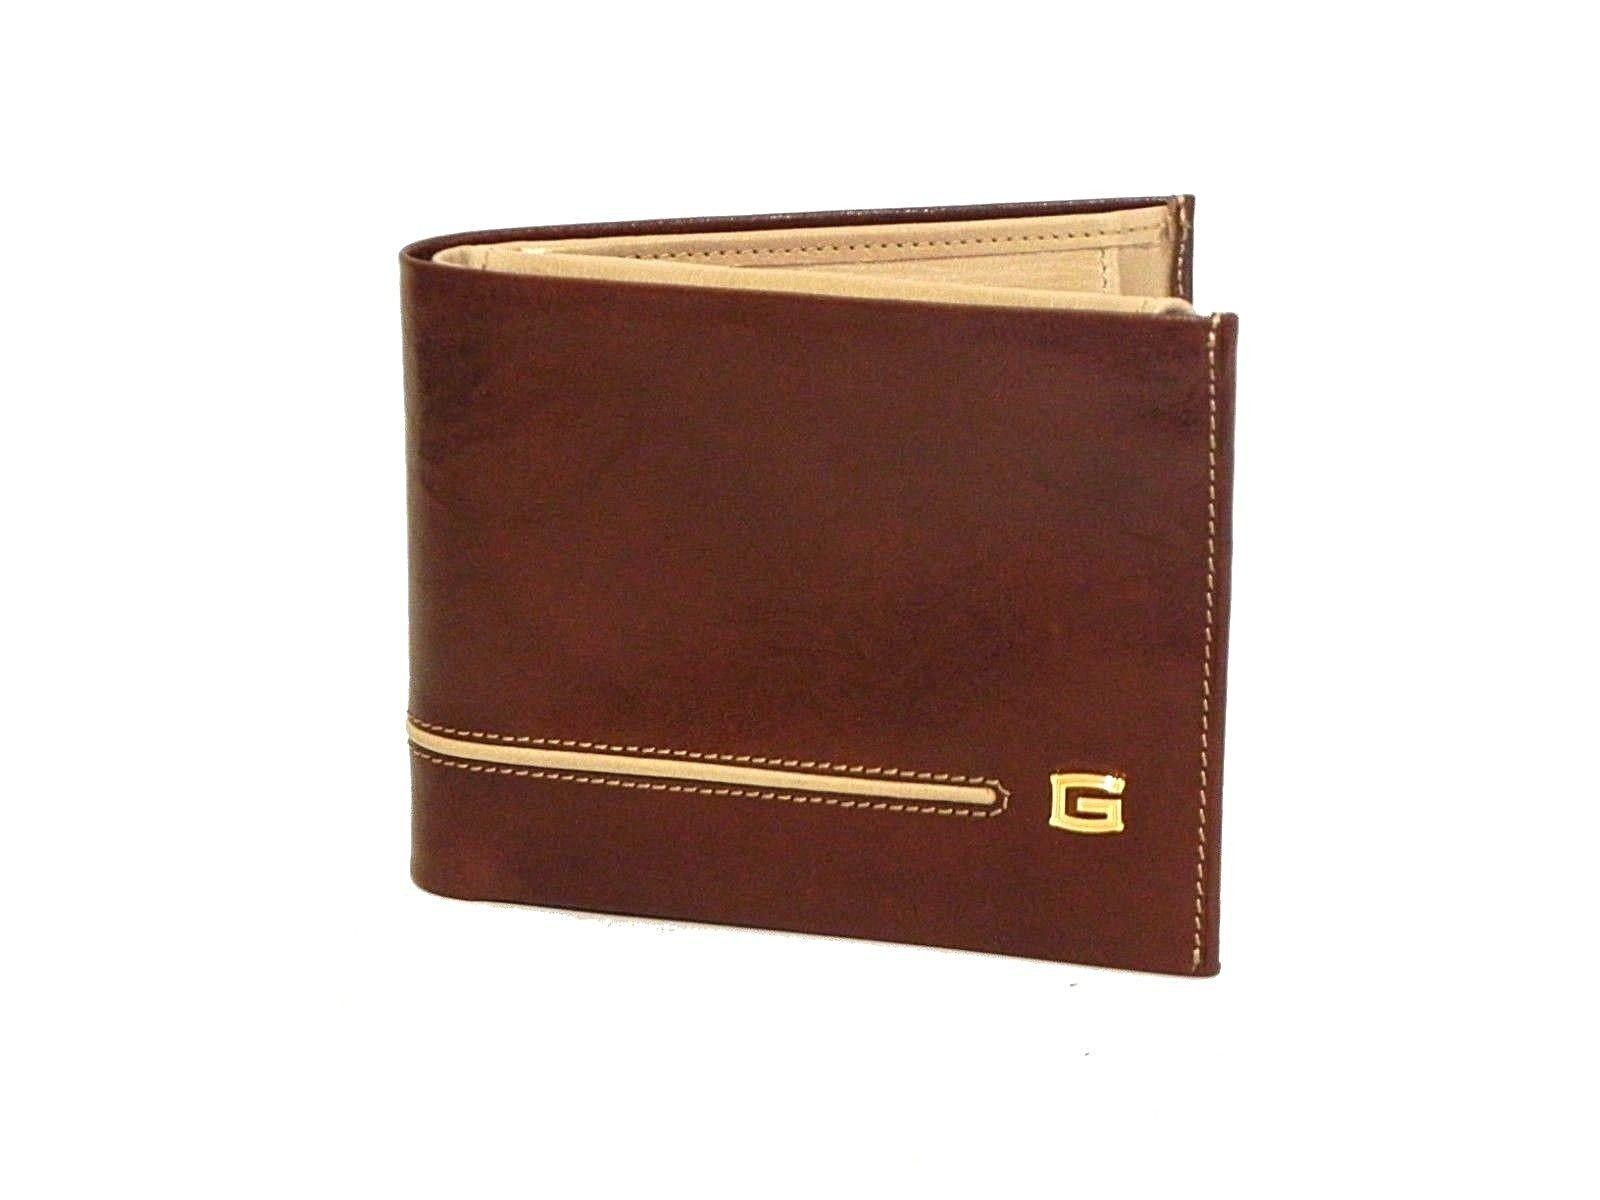 comprare popolare 4e5da 3d956 Portafoglio Giudi uomo portamonete 6954/GD PC marrone/torrone